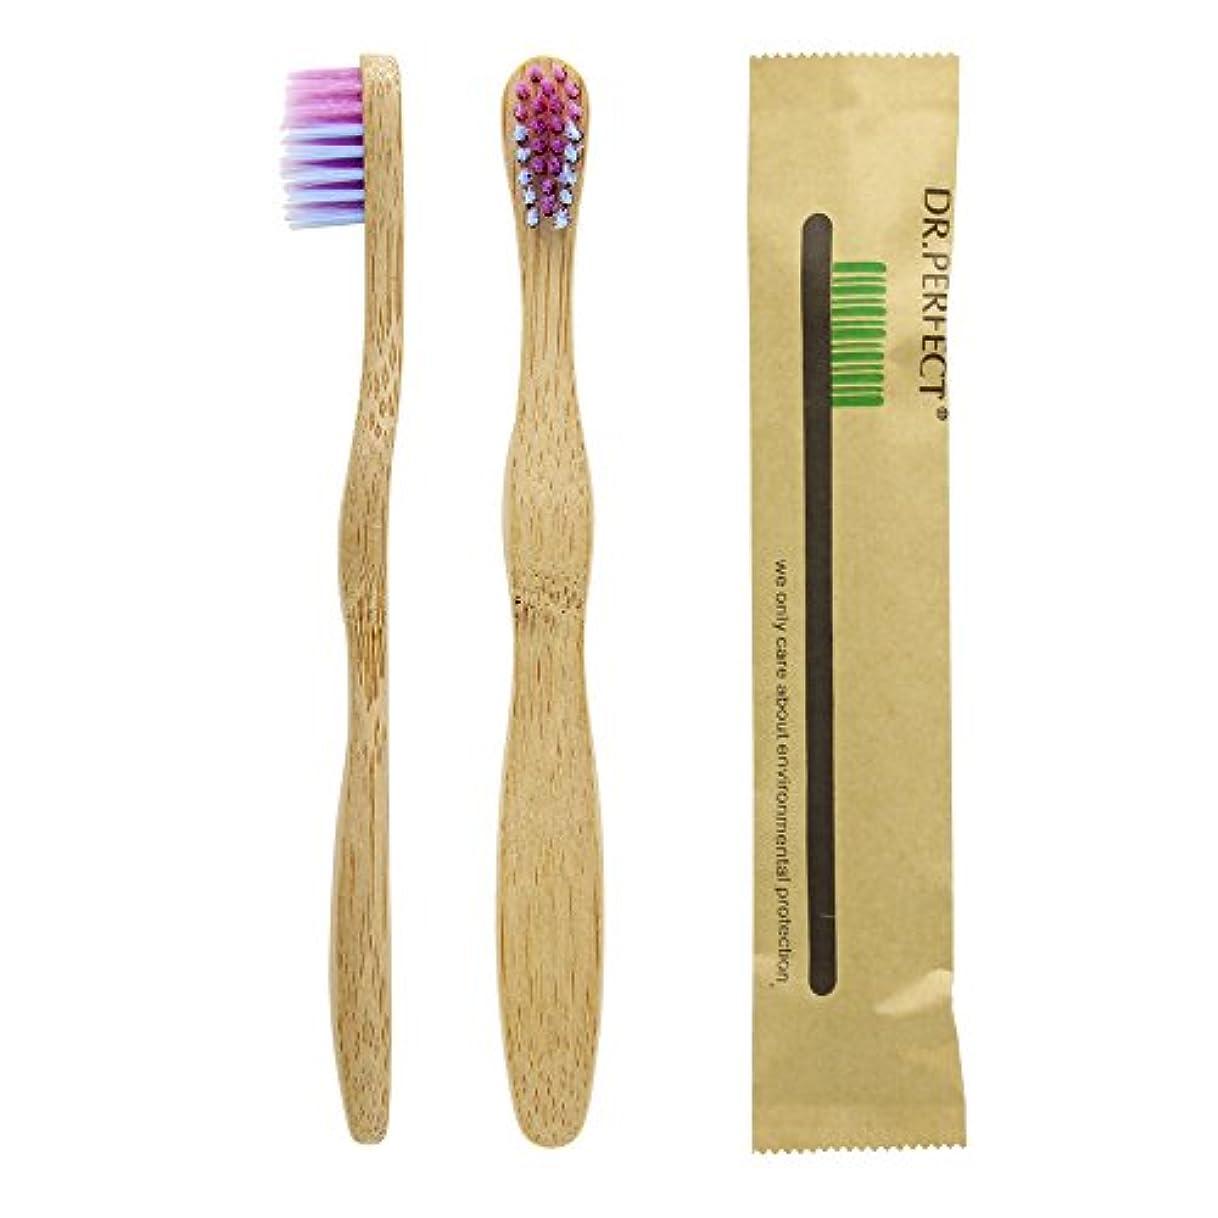 クレタ櫛不名誉なDr.Perfect Bamboo チャイルド 竹の歯ブラシ ナイロン毛 生分解性の (パープル)